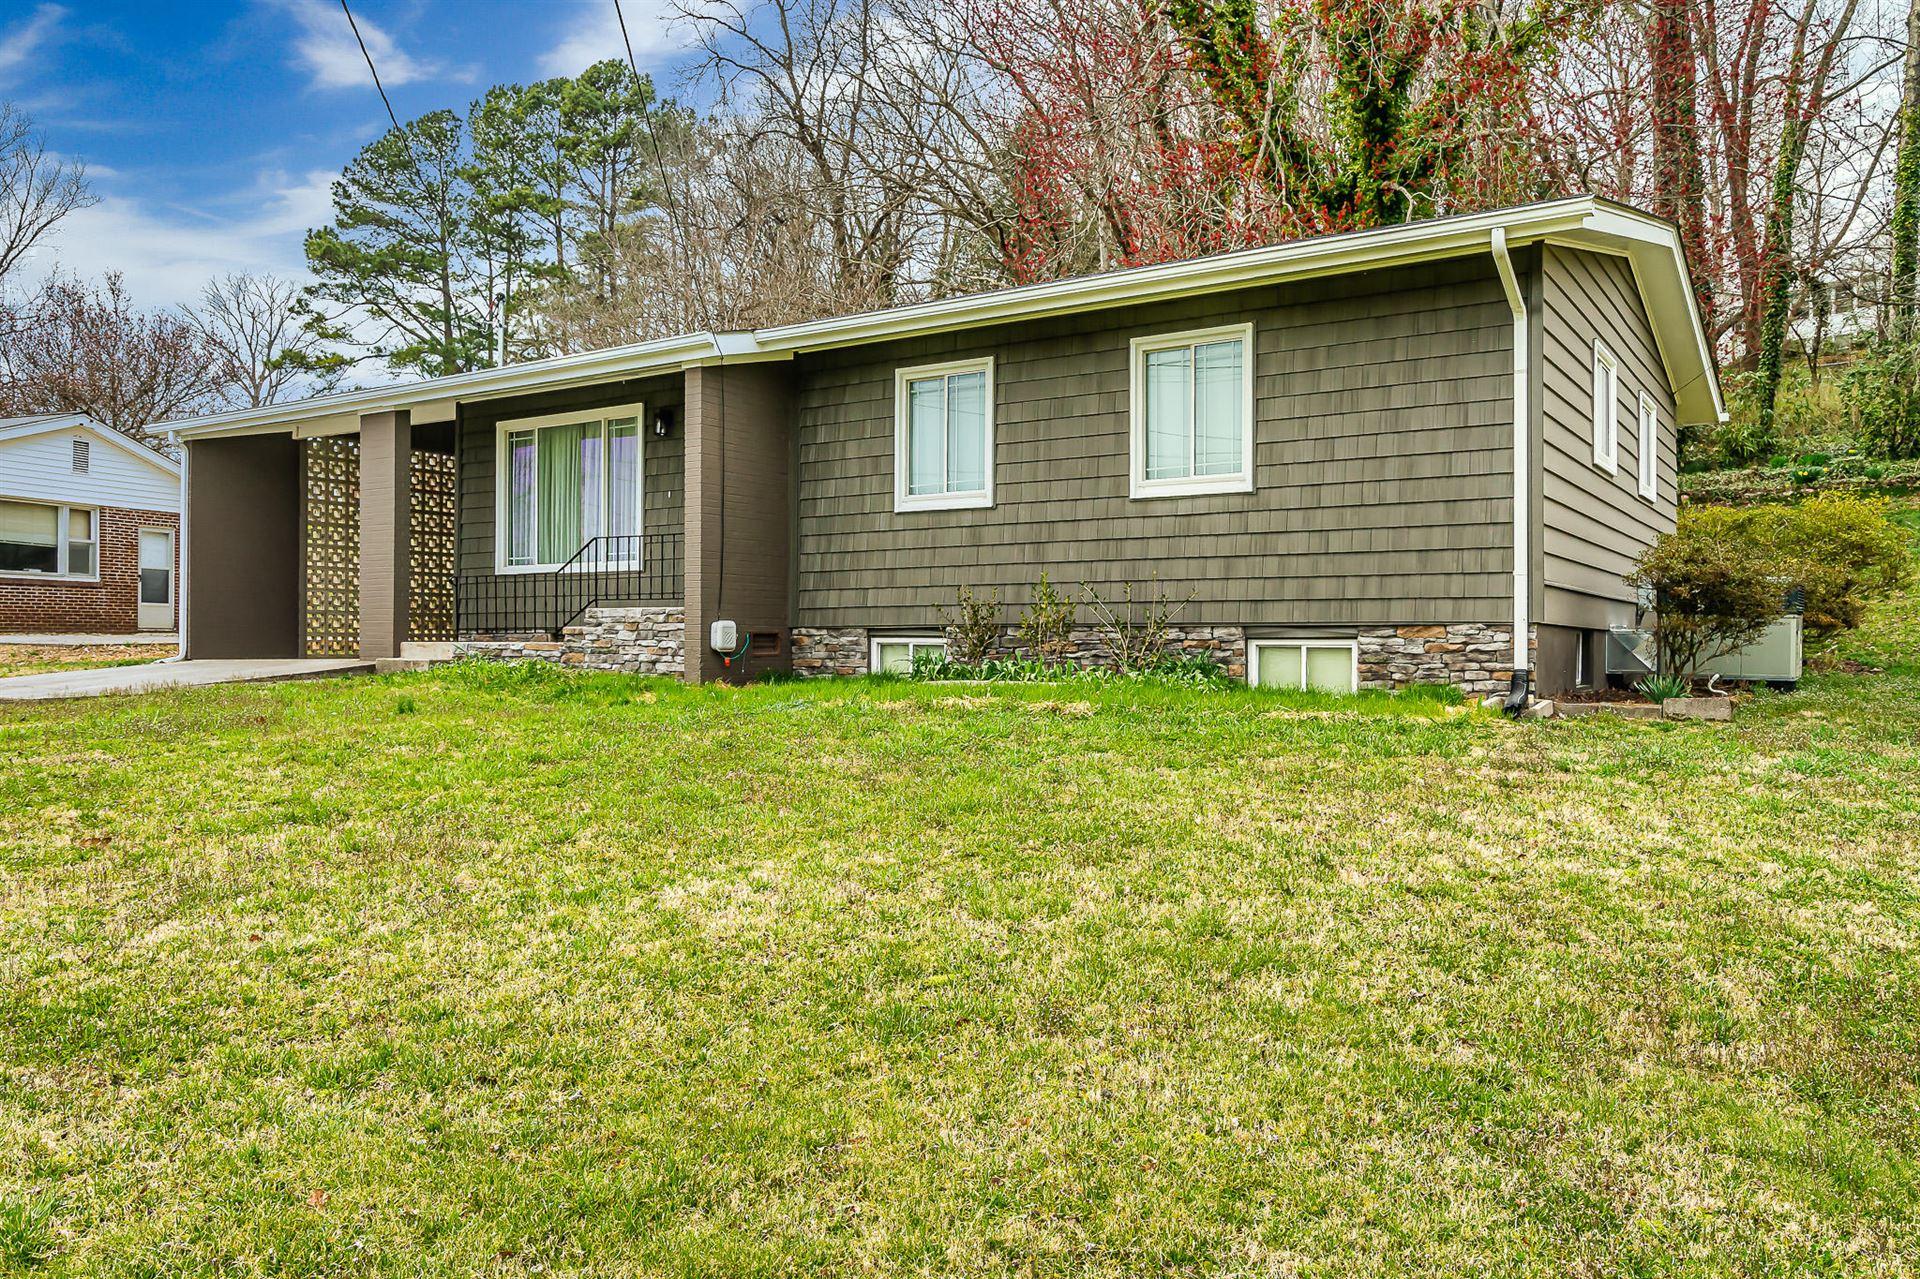 Photo of 114 Regent Circle, Oak Ridge, TN 37830 (MLS # 1146200)